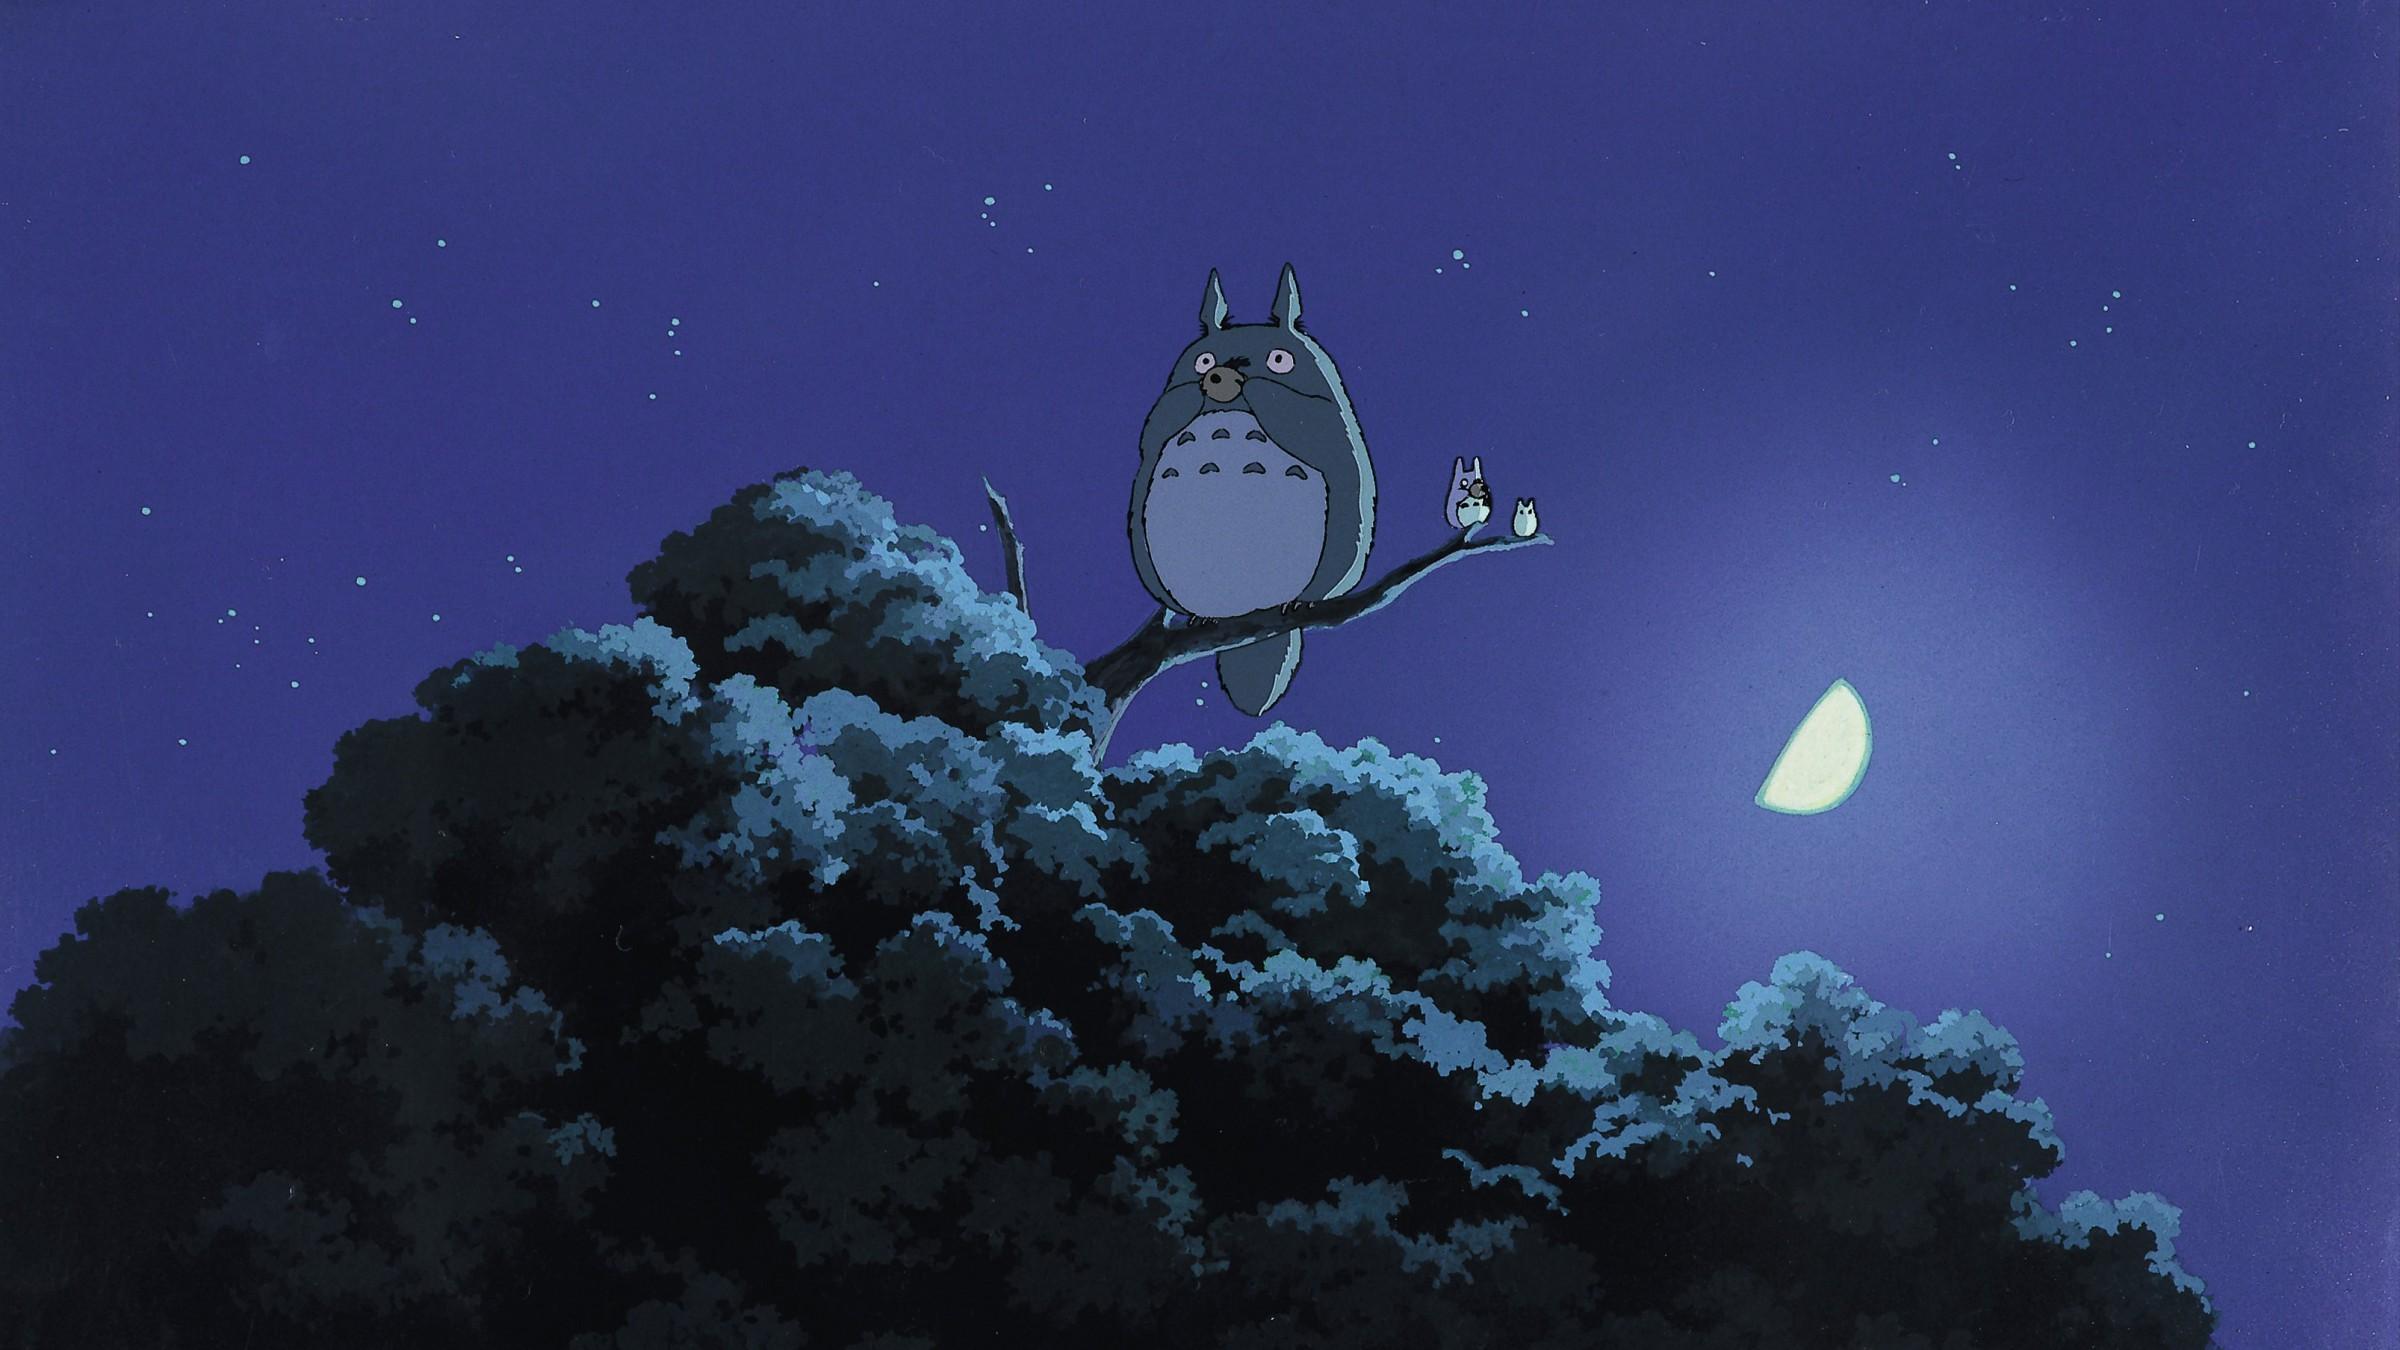 《龍貓》首度登台大螢幕  吉卜力經典巨作回歸